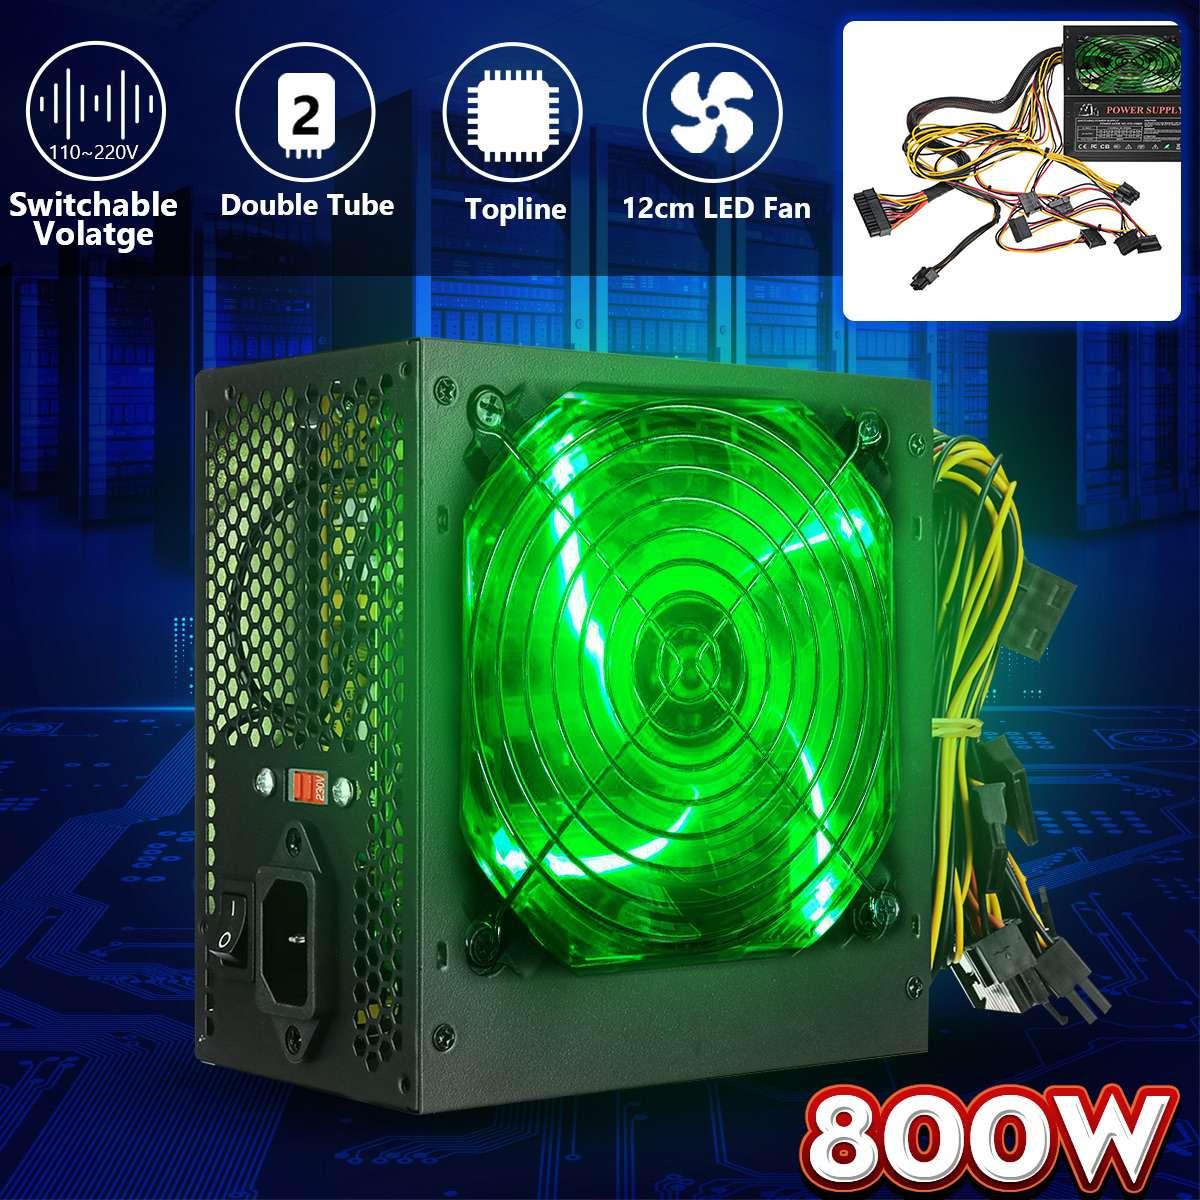 800W 110 ~ 220V PC alimentation 12cm LED ventilateur silencieux avec contrôle de température Intelligent Intel AMD ATX 12V pour ordinateur de bureau